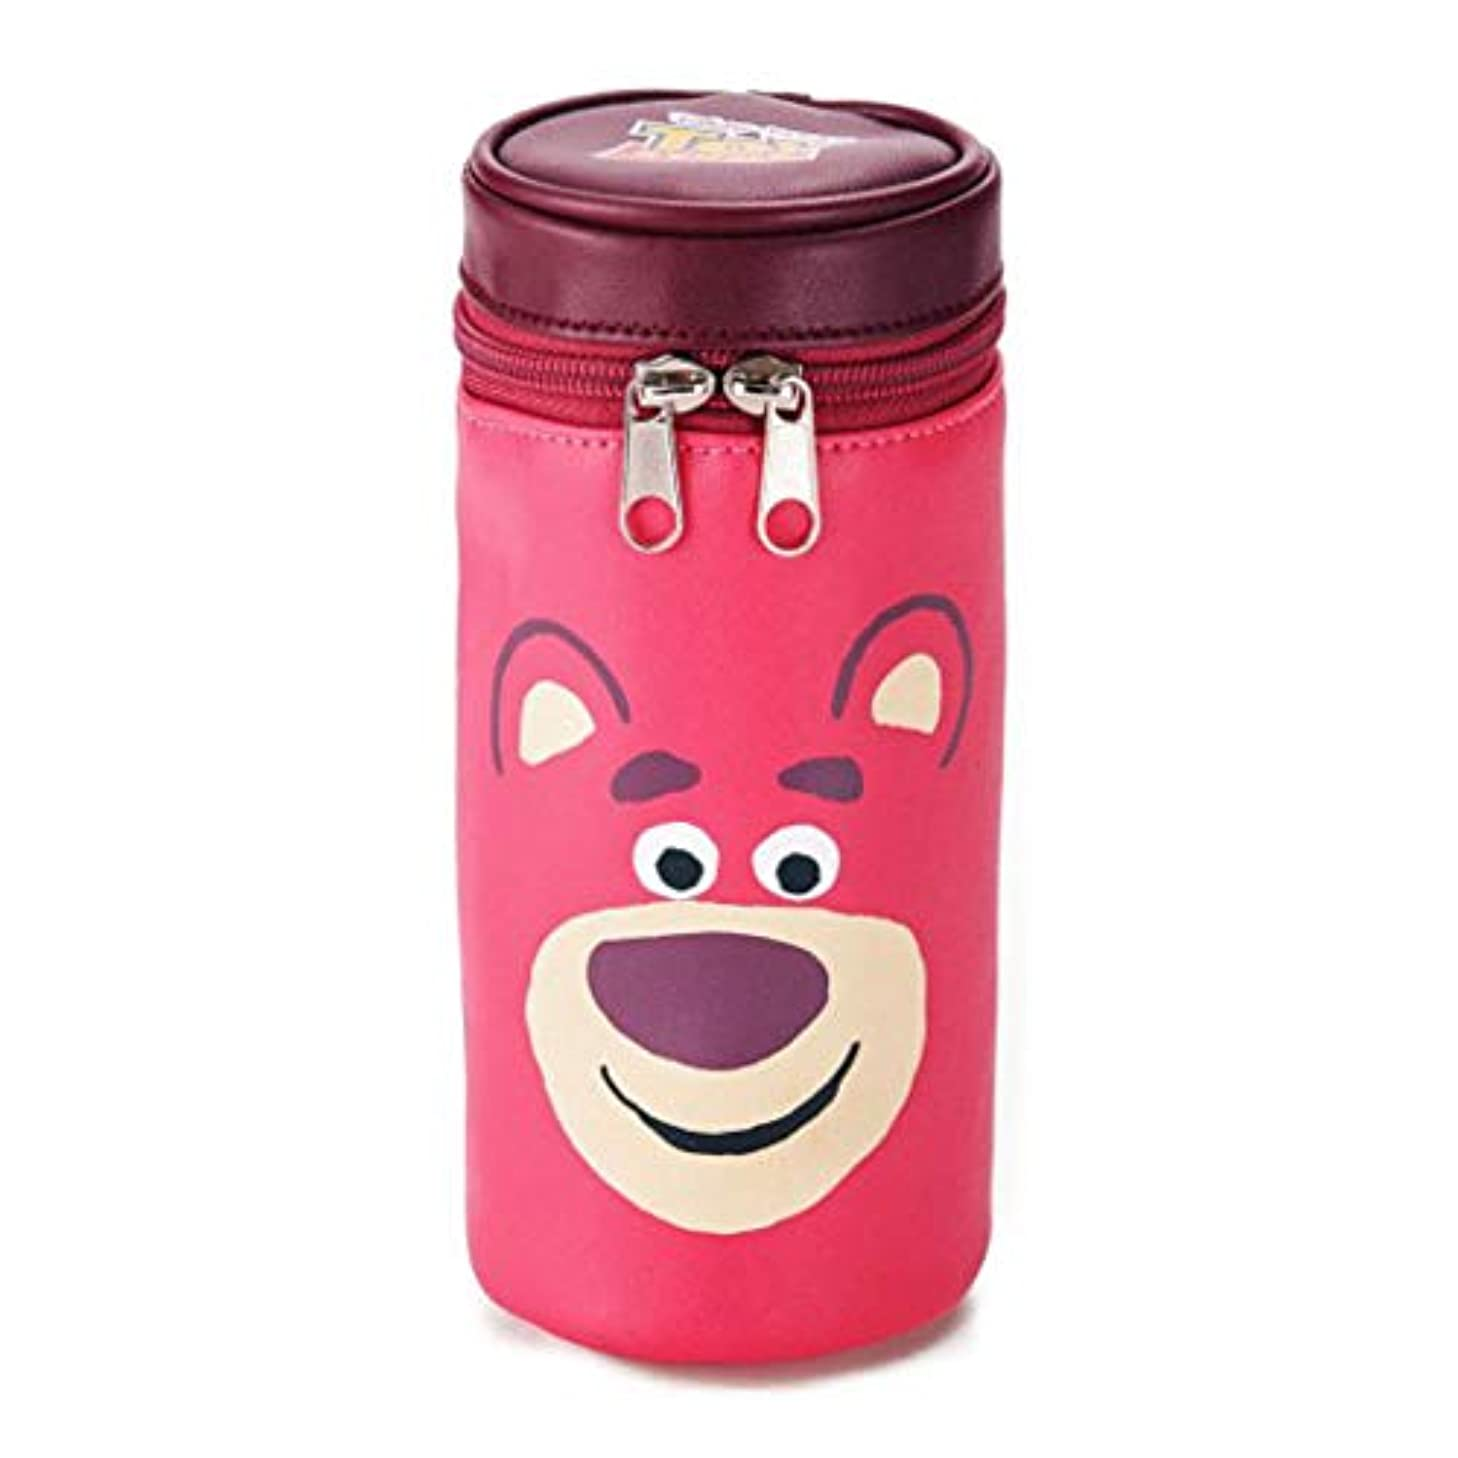 羊の小学生首[ベルメゾン]ディズニー ポーチ 小物入れ 筒型マルチポーチ カラー ロッツォ(ピンク)